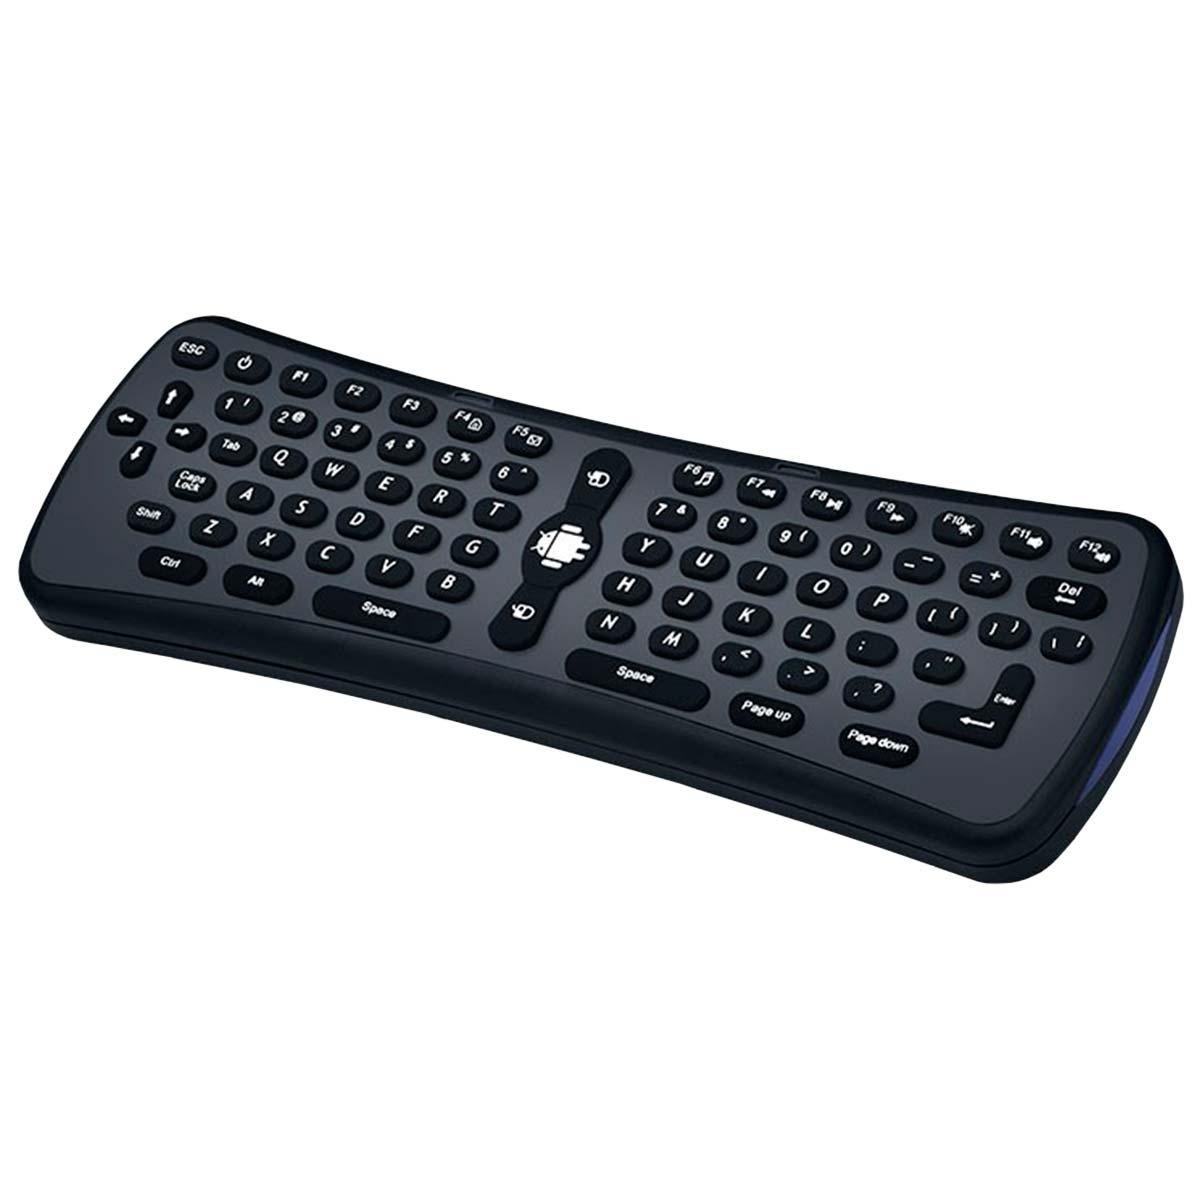 AM100 - Controle Remoto para Smart TV AM 100 - Aquário